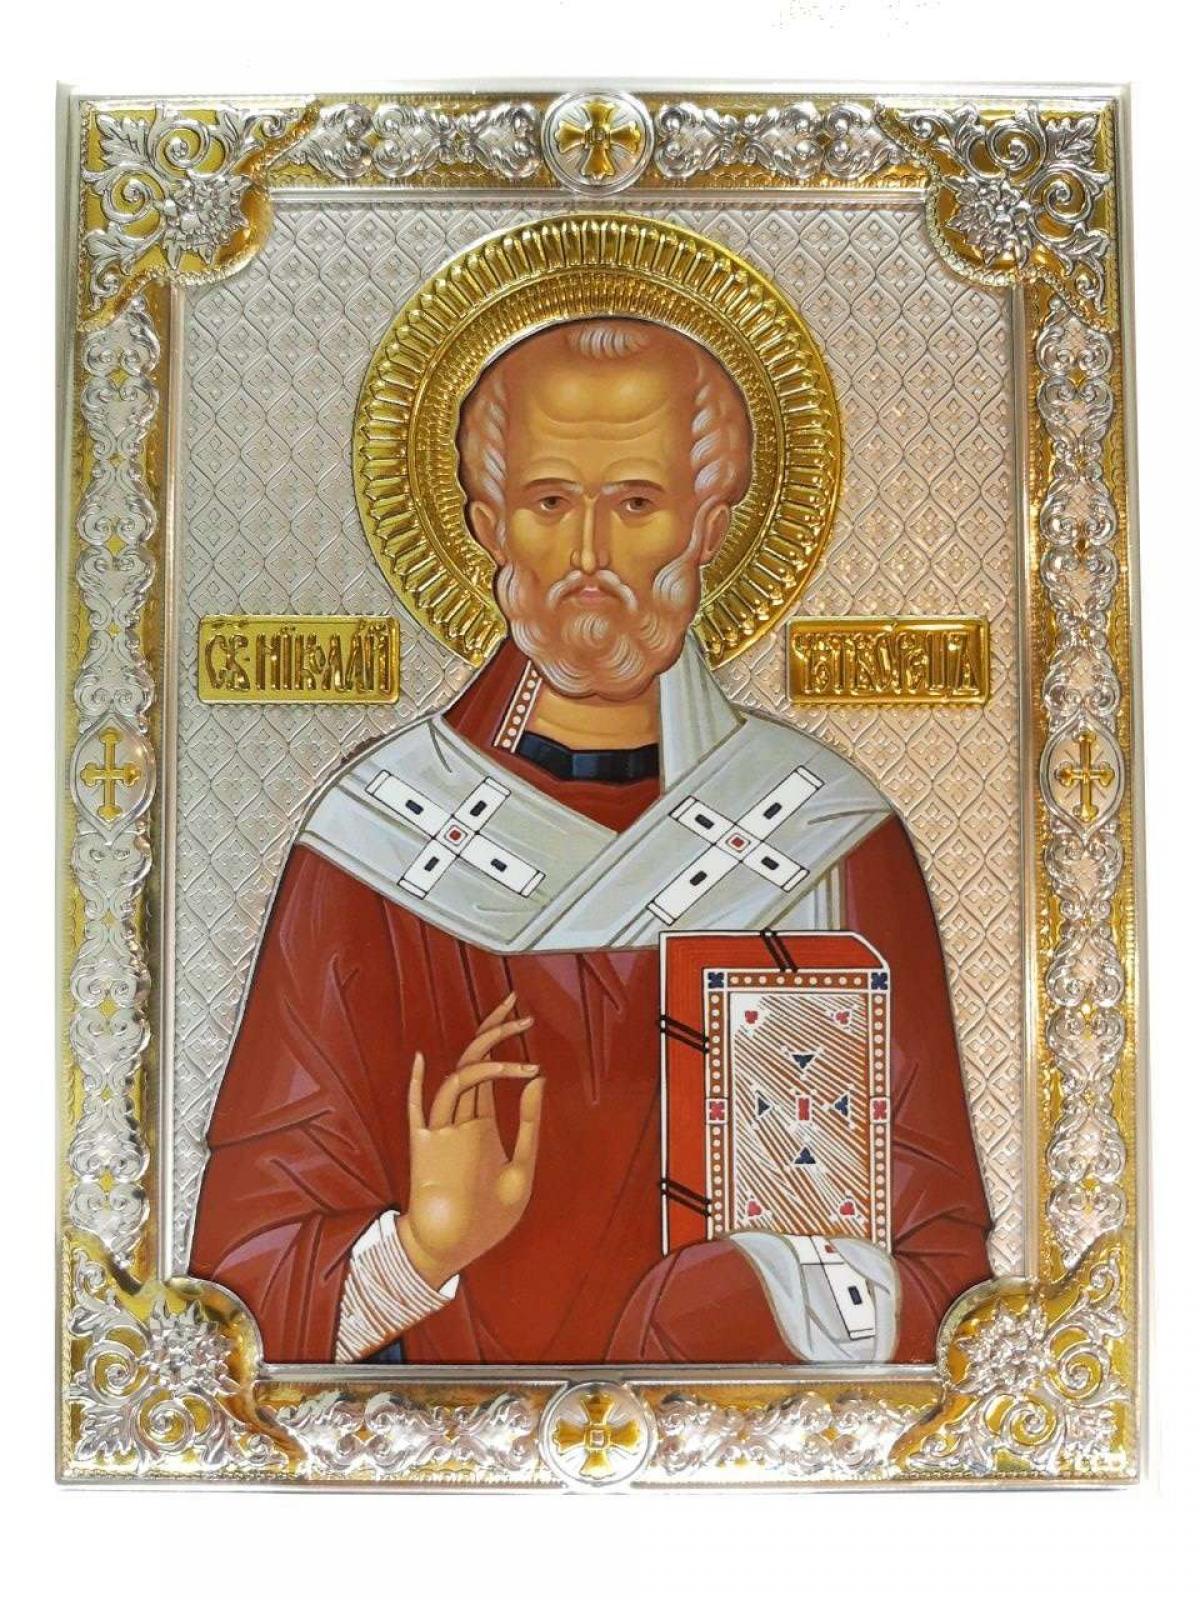 Ікона срібна Миколай Чудотворець 12х16см 85301 3L